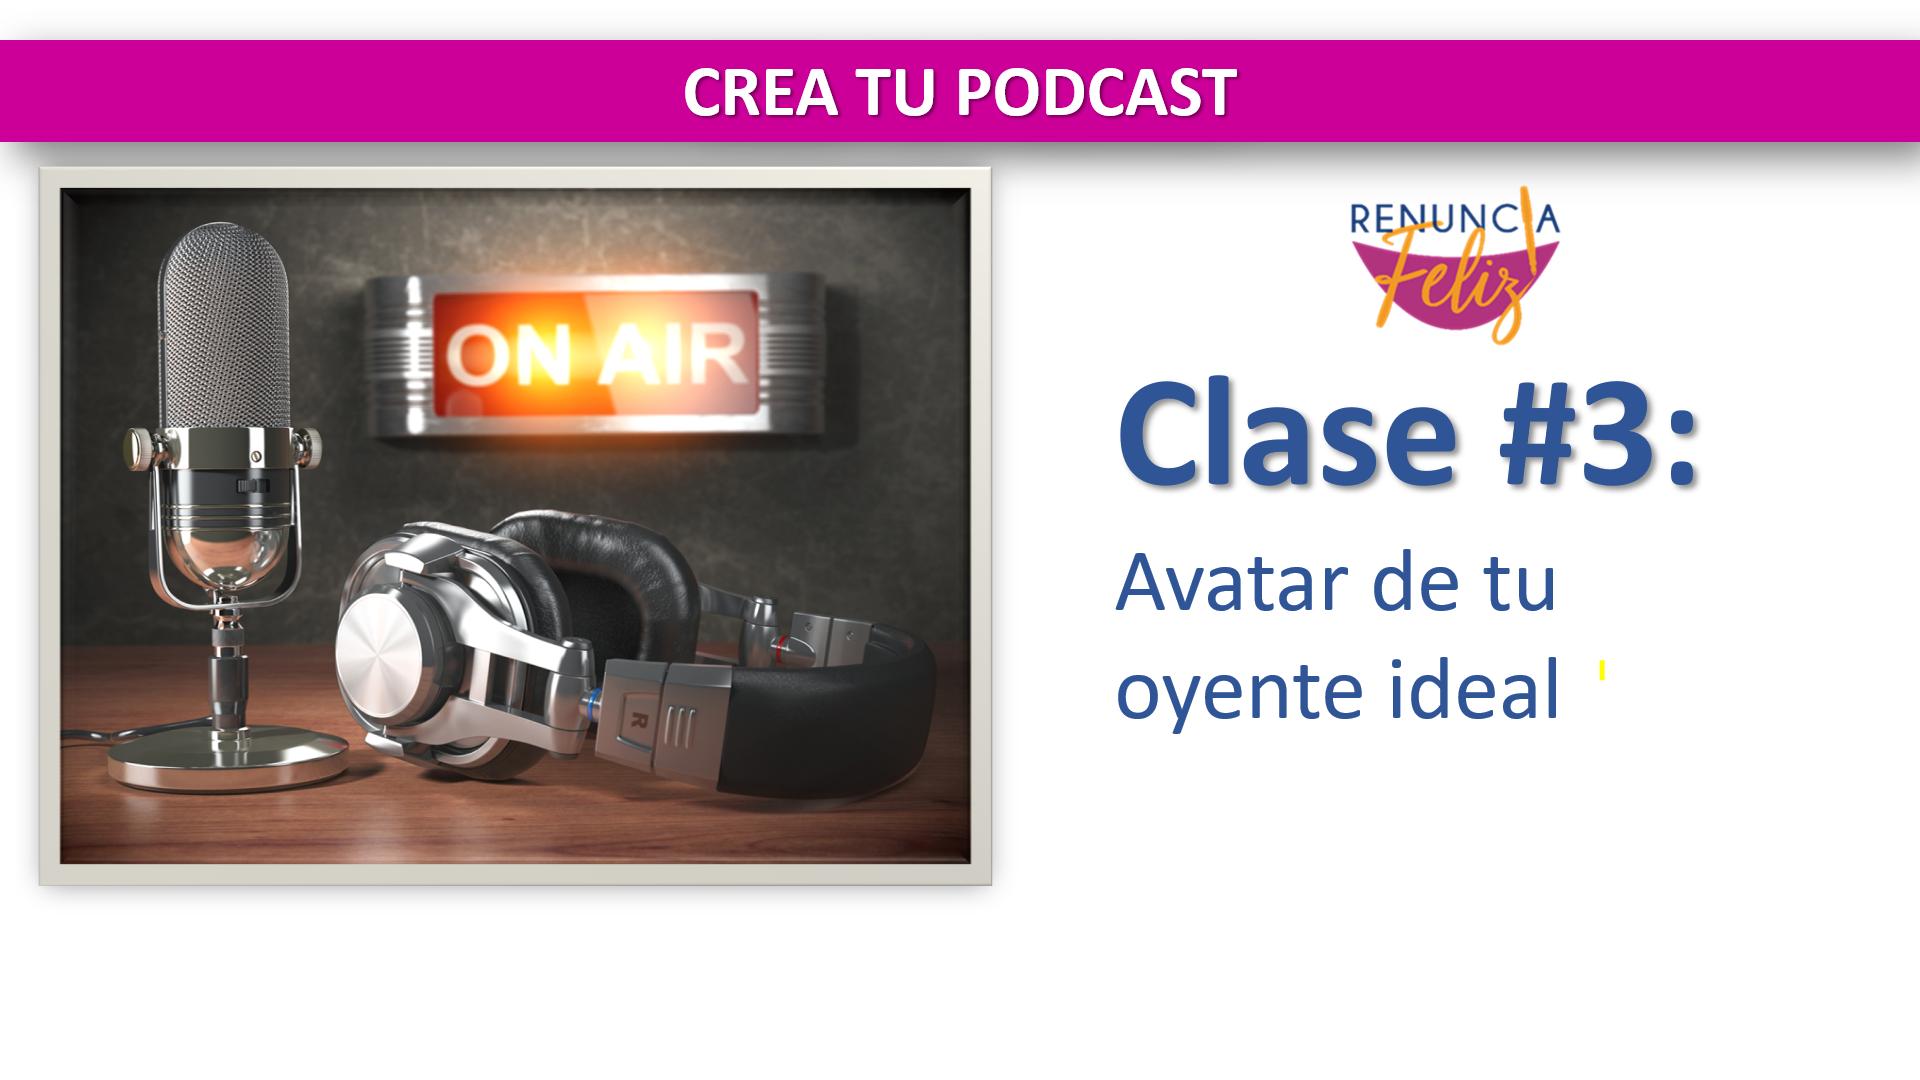 En esta clase hablaremos de Qué es un avatar y por qué necesitas crearlo antes de grabar tu primer episodio. al final, tendrás la oportunidad de crear el avatar de tu oyente ideal.